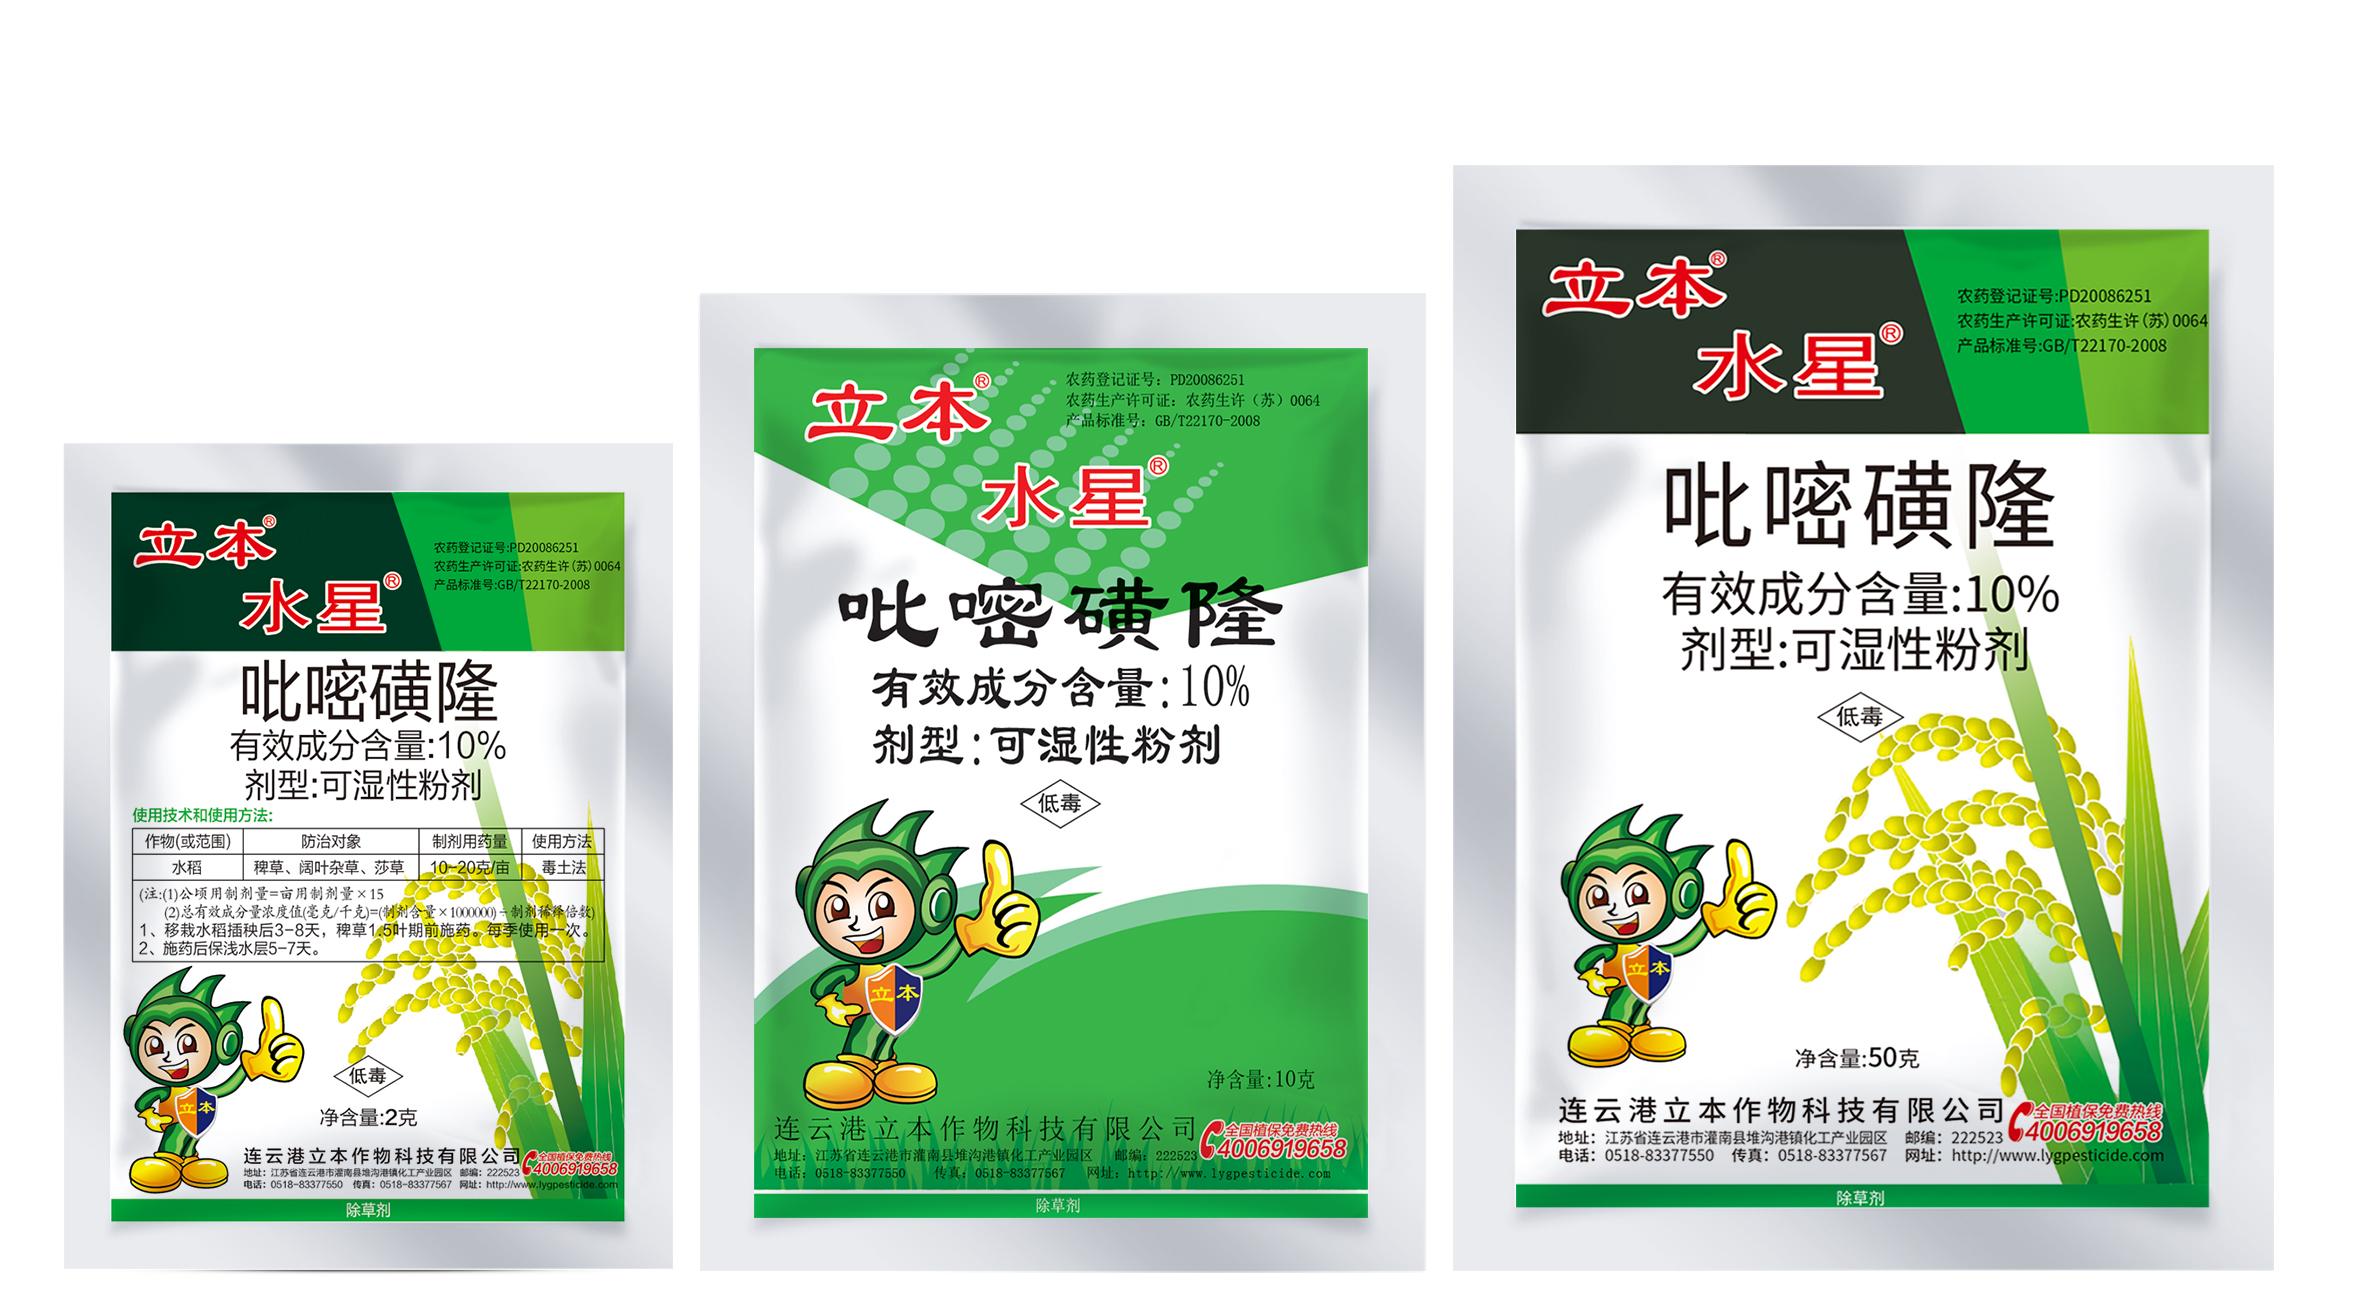 10%吡嘧磺隆可濕性粉劑